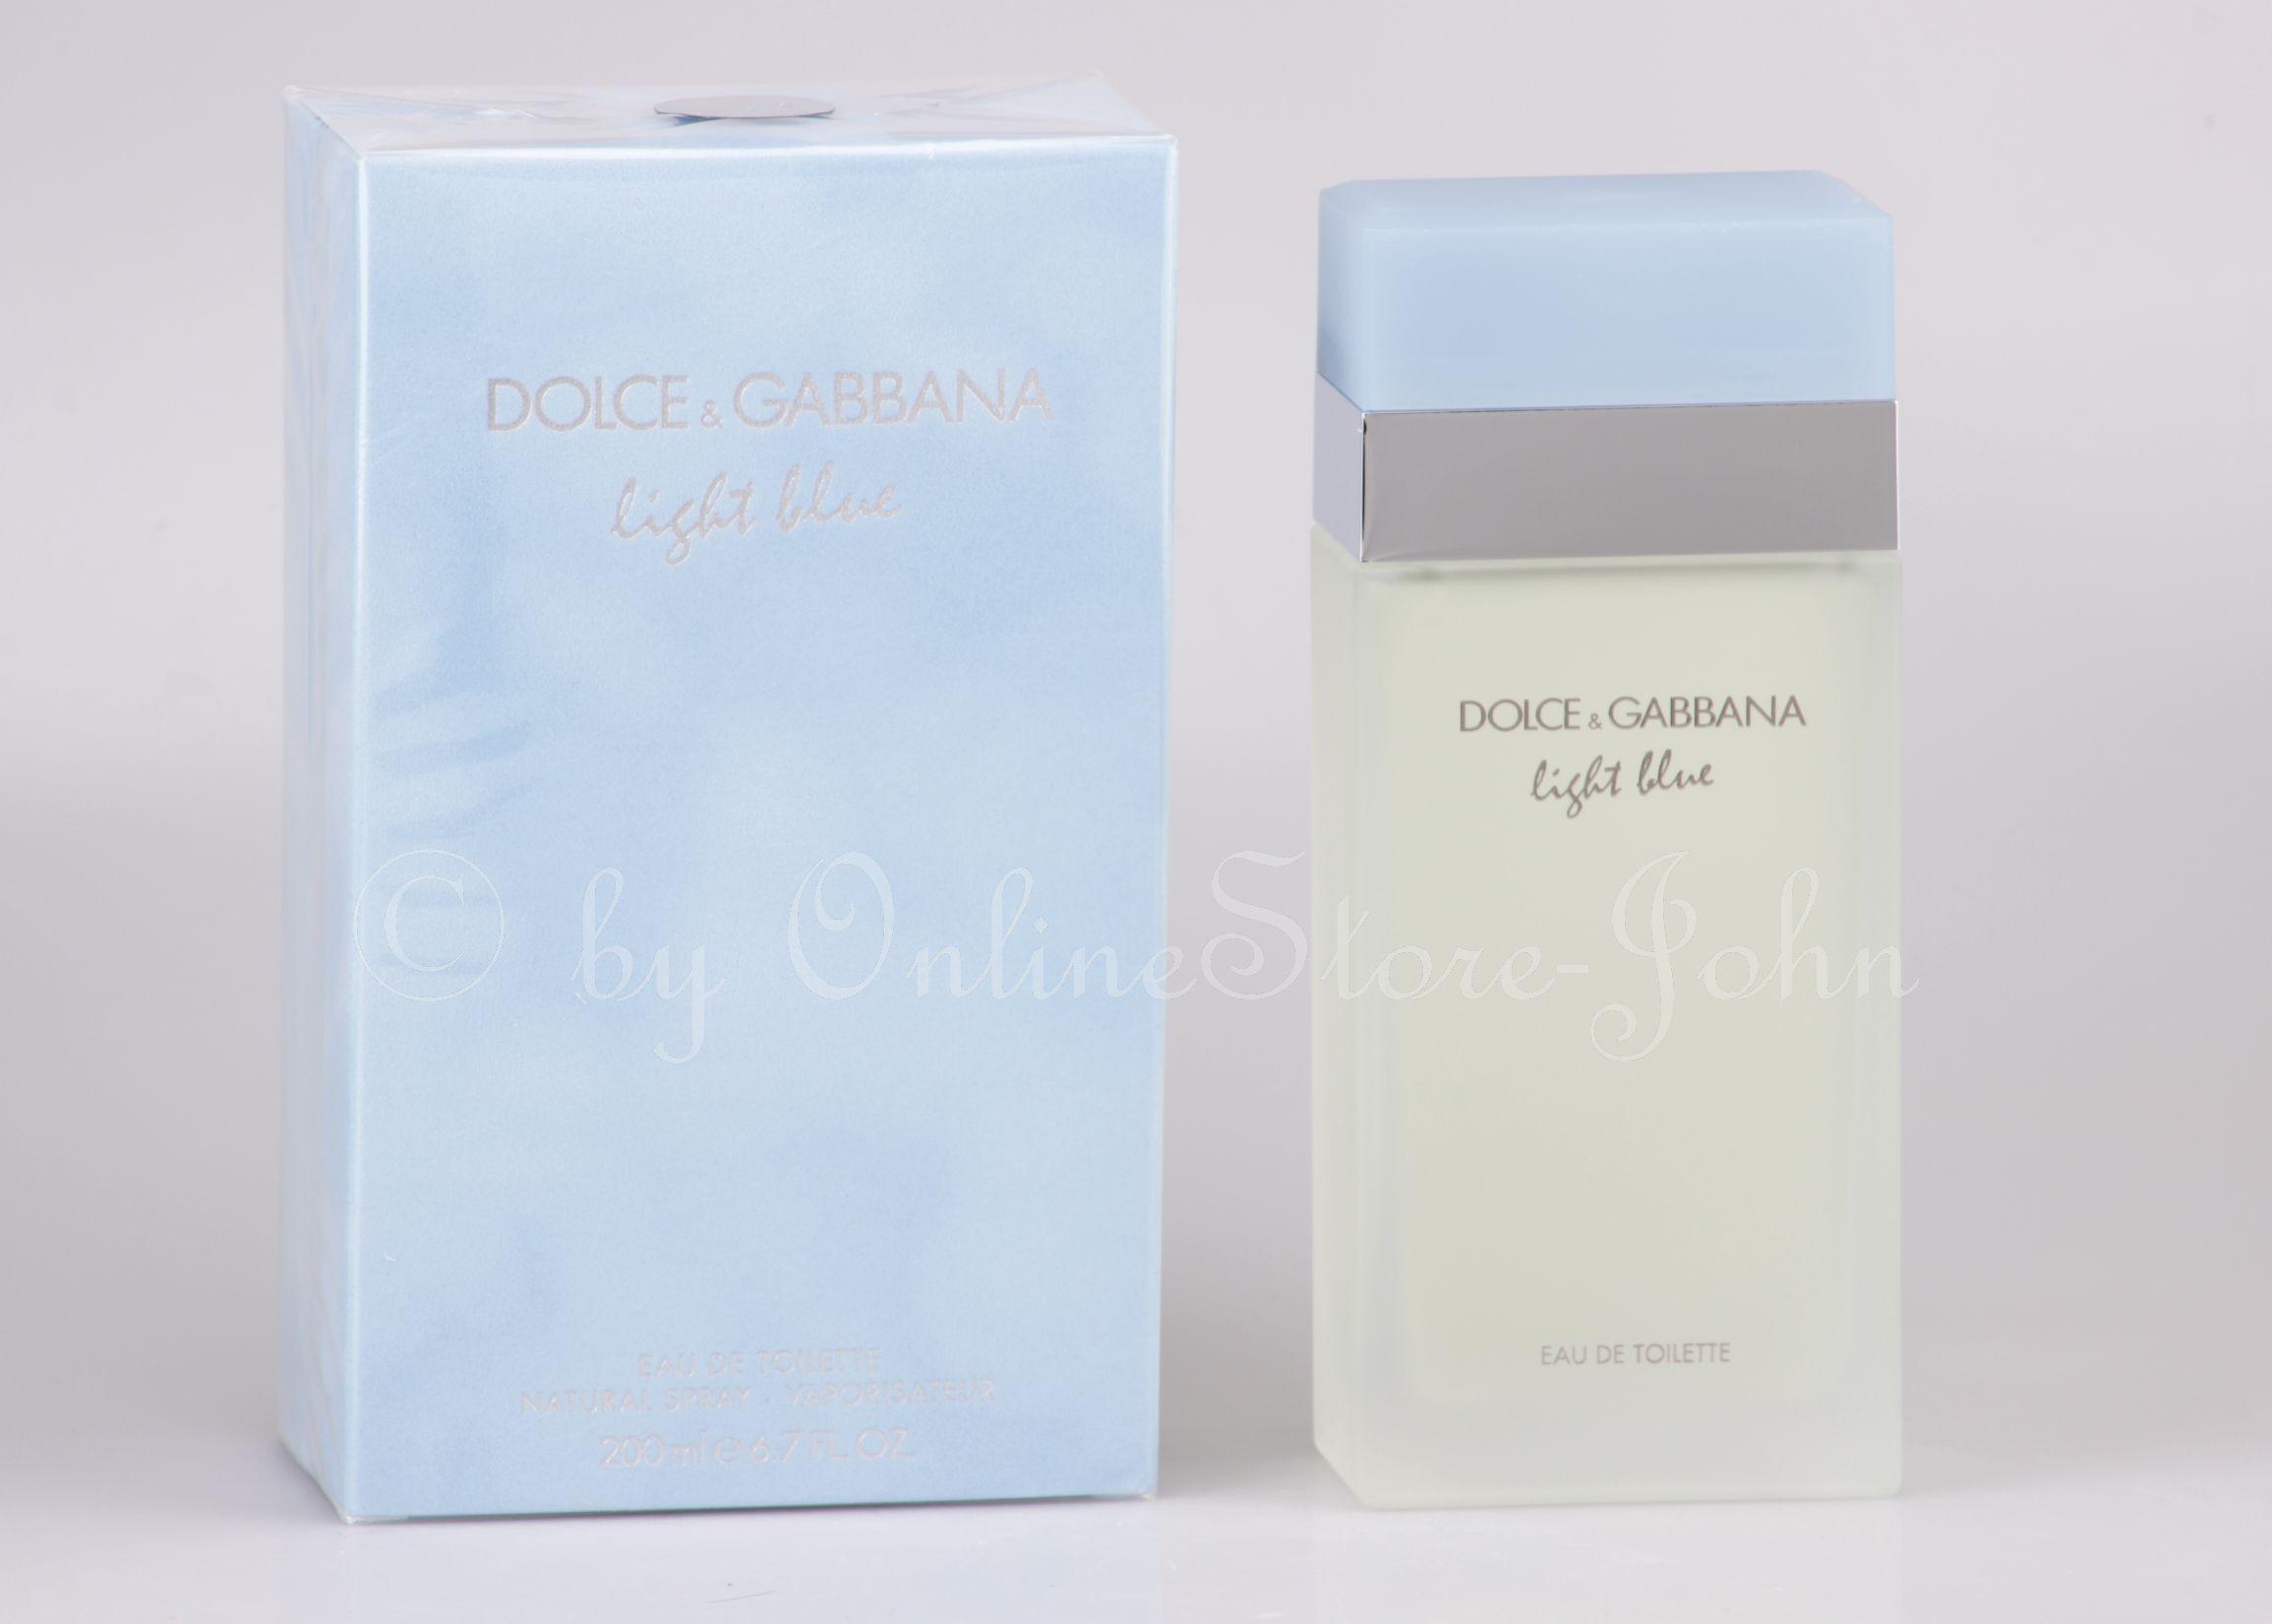 719f0814f4e273 Dolce   Gabbana - Light Blue pour Femme - 200ml EDT Eau de Toilette